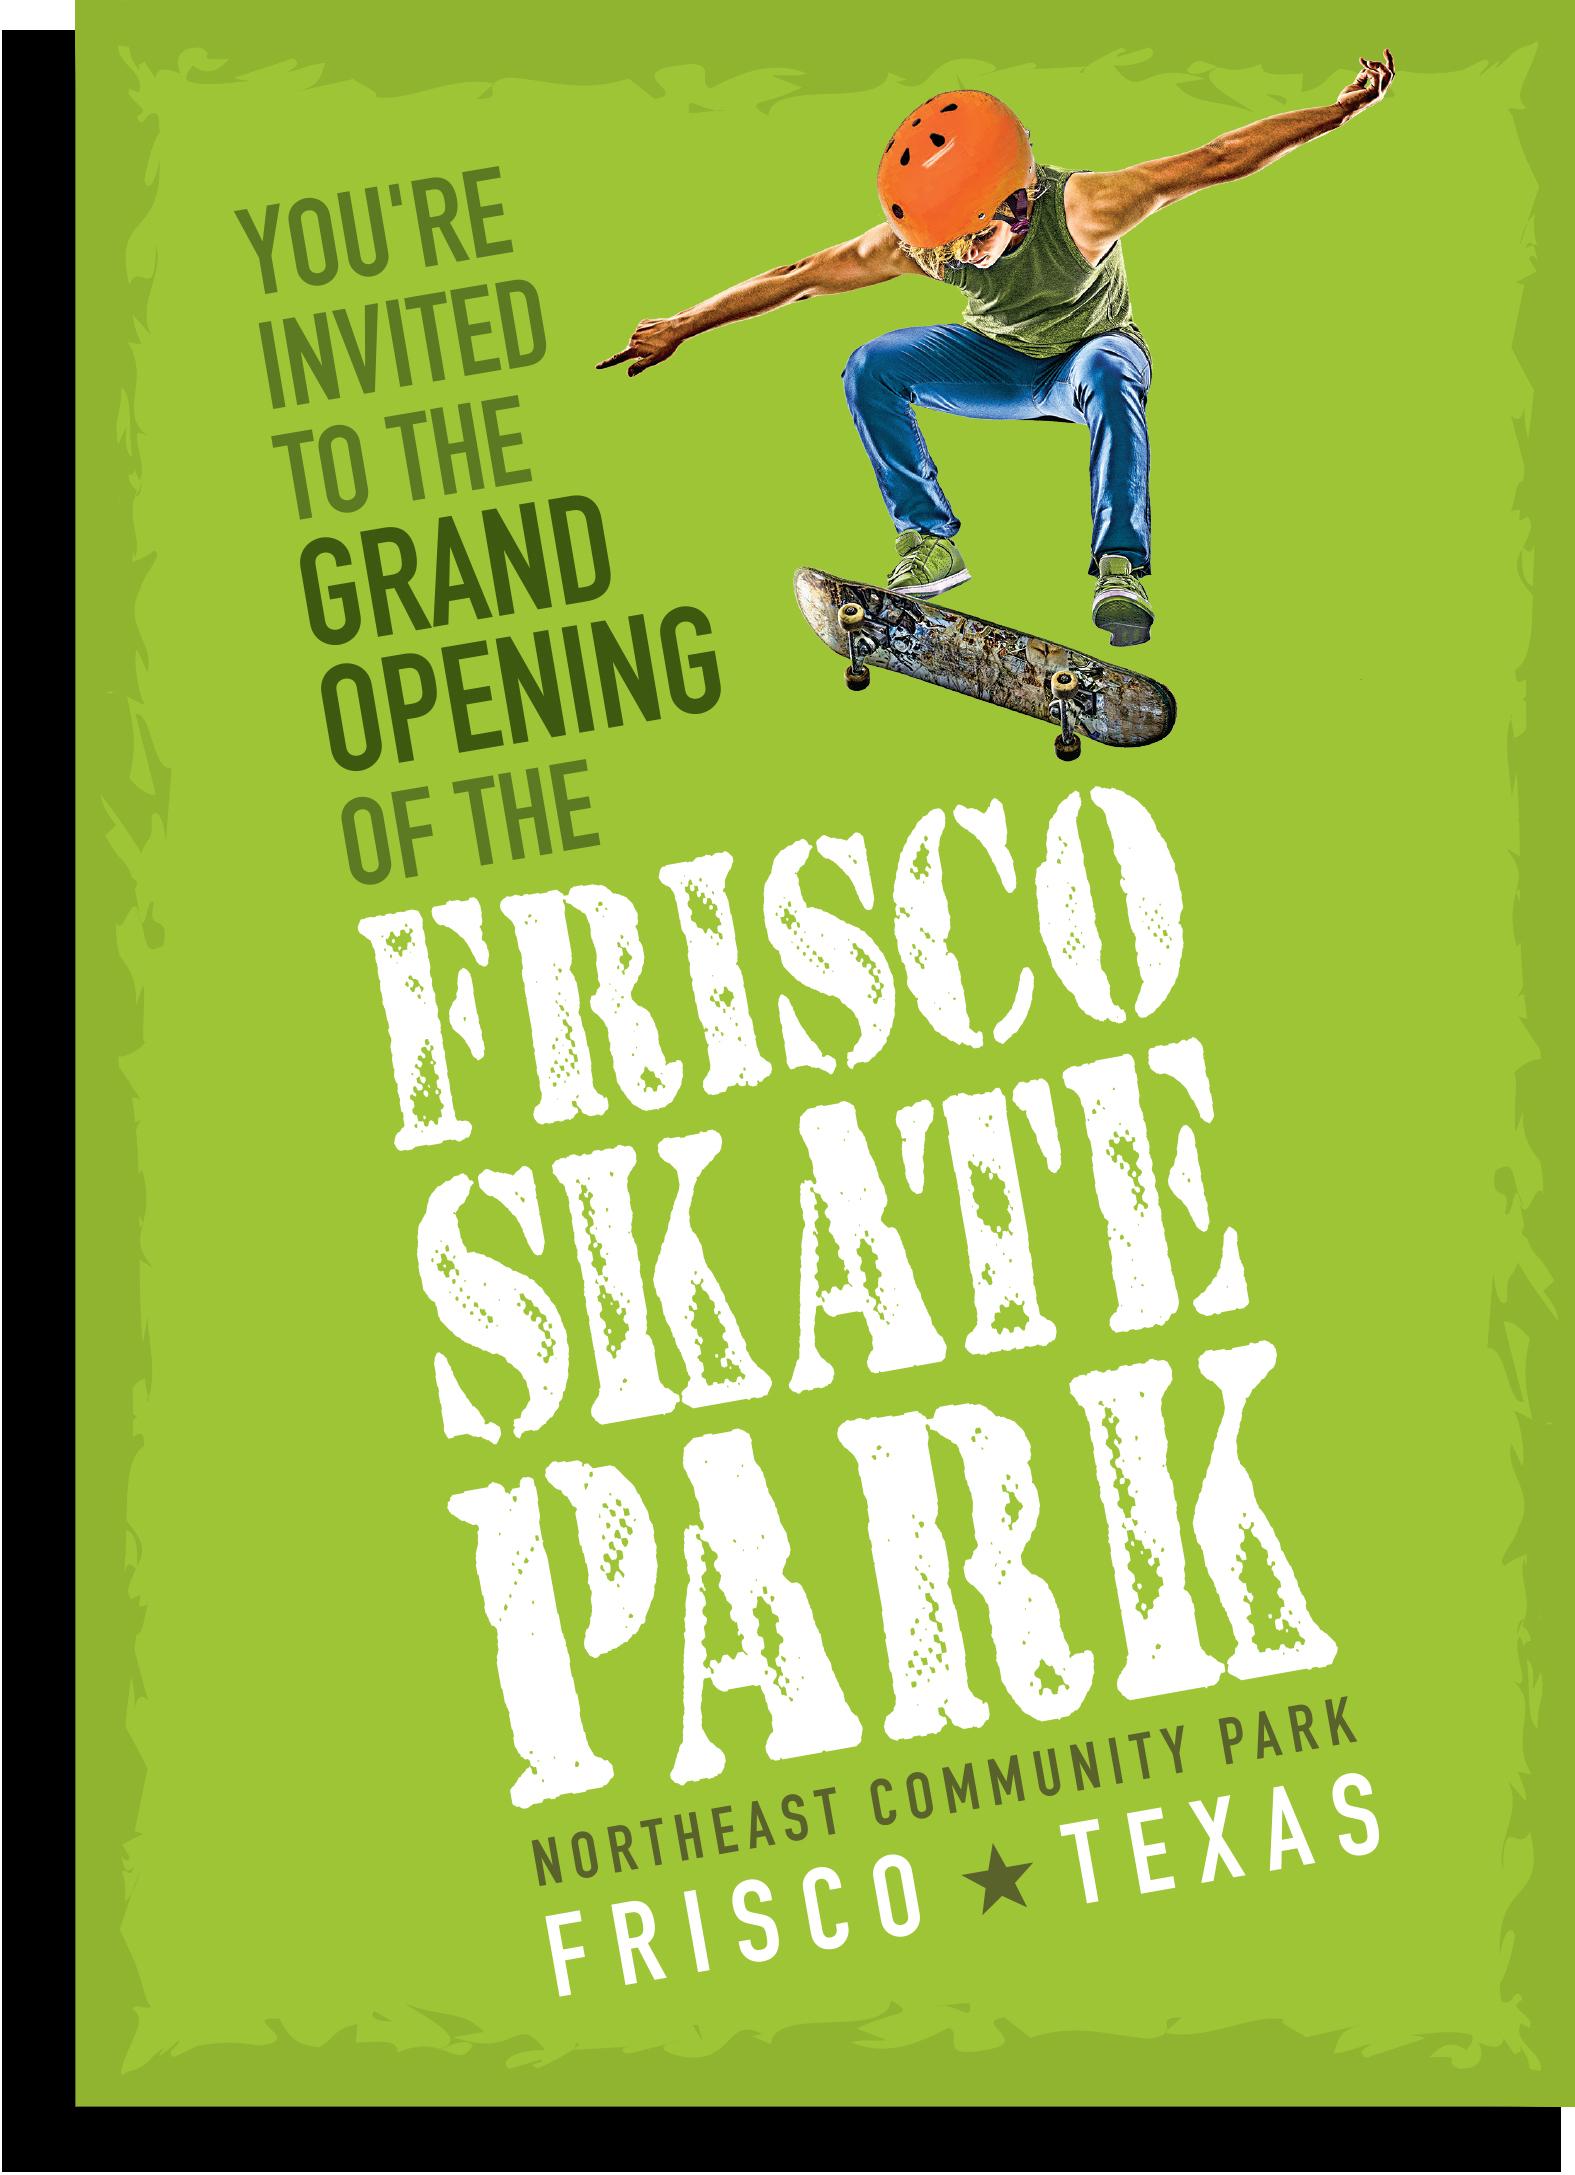 SkatePark-invite.png